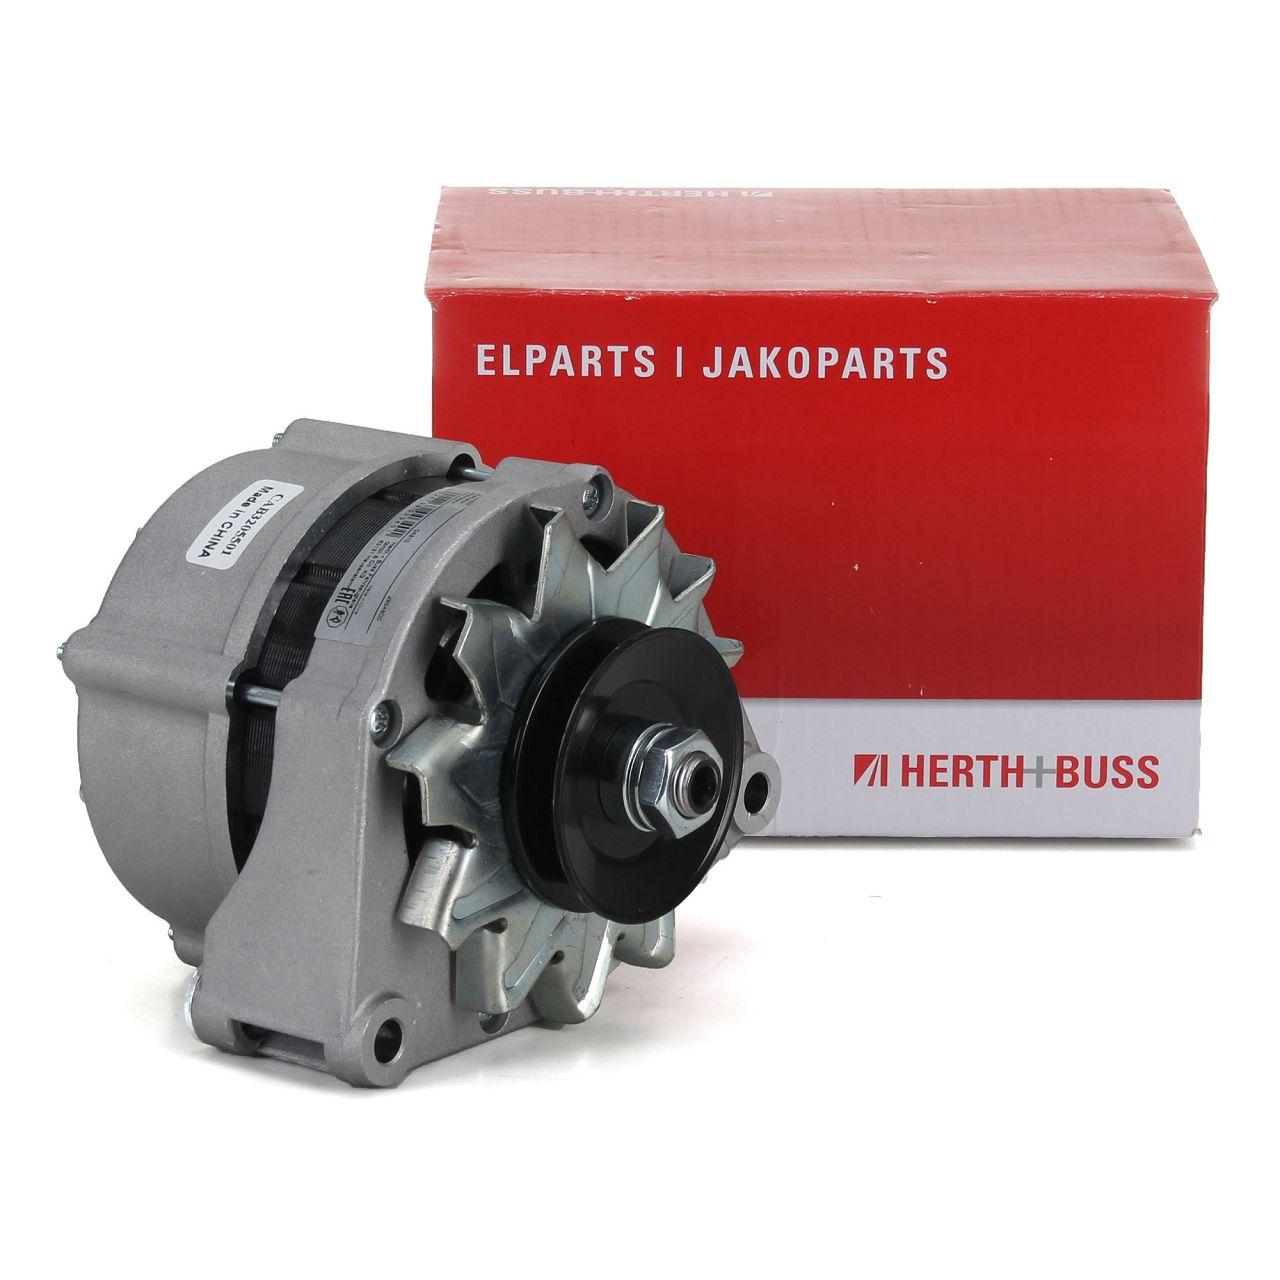 HERTH+BUSS ELPARTS Lichtmaschine 14V 55A für MERCEDES W114/W115 190 W201 G-KLAS